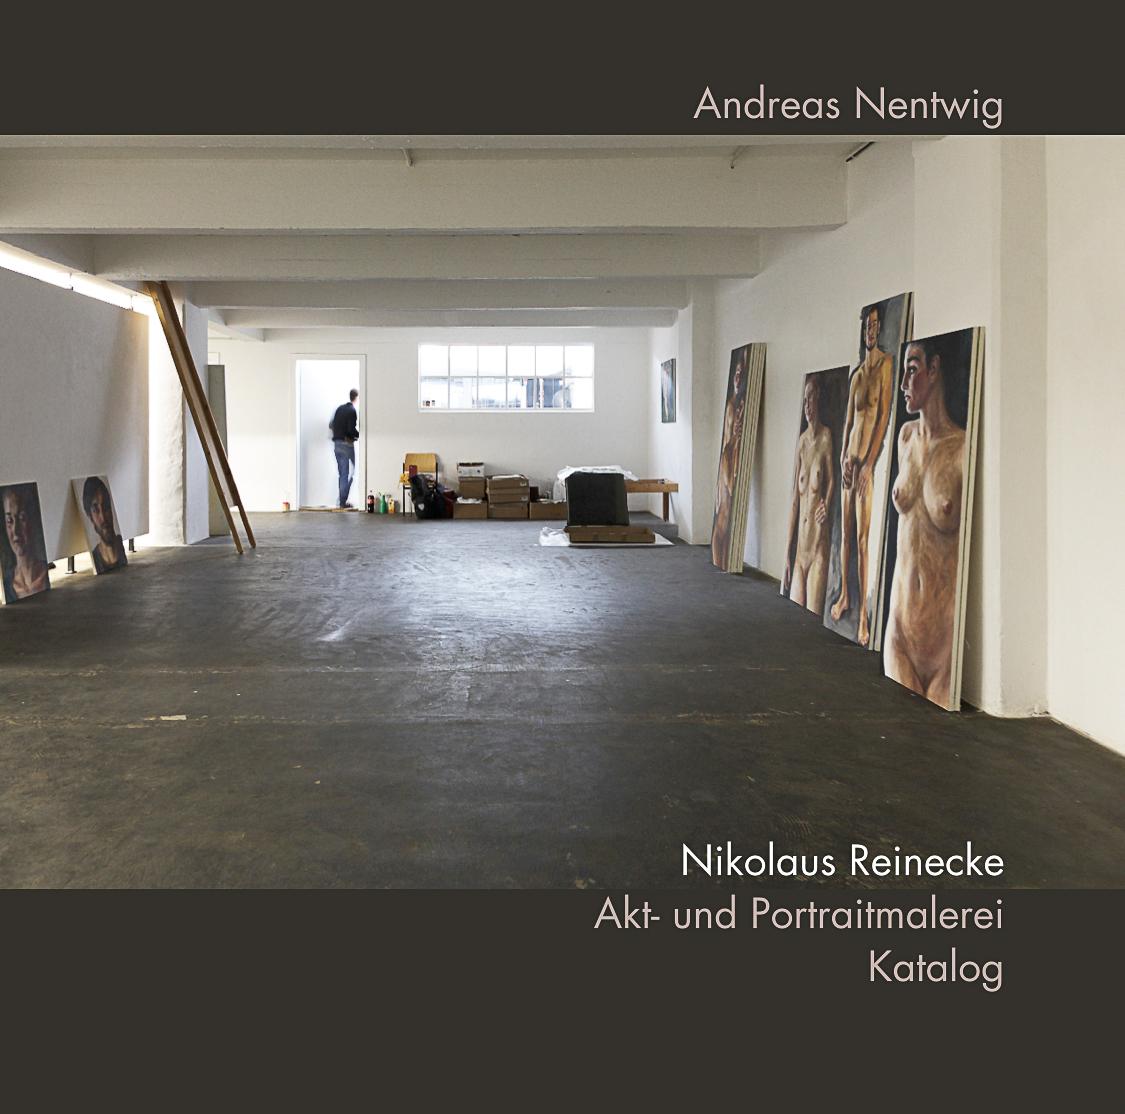 Katalog | Nikolaus Reinecke und Andr